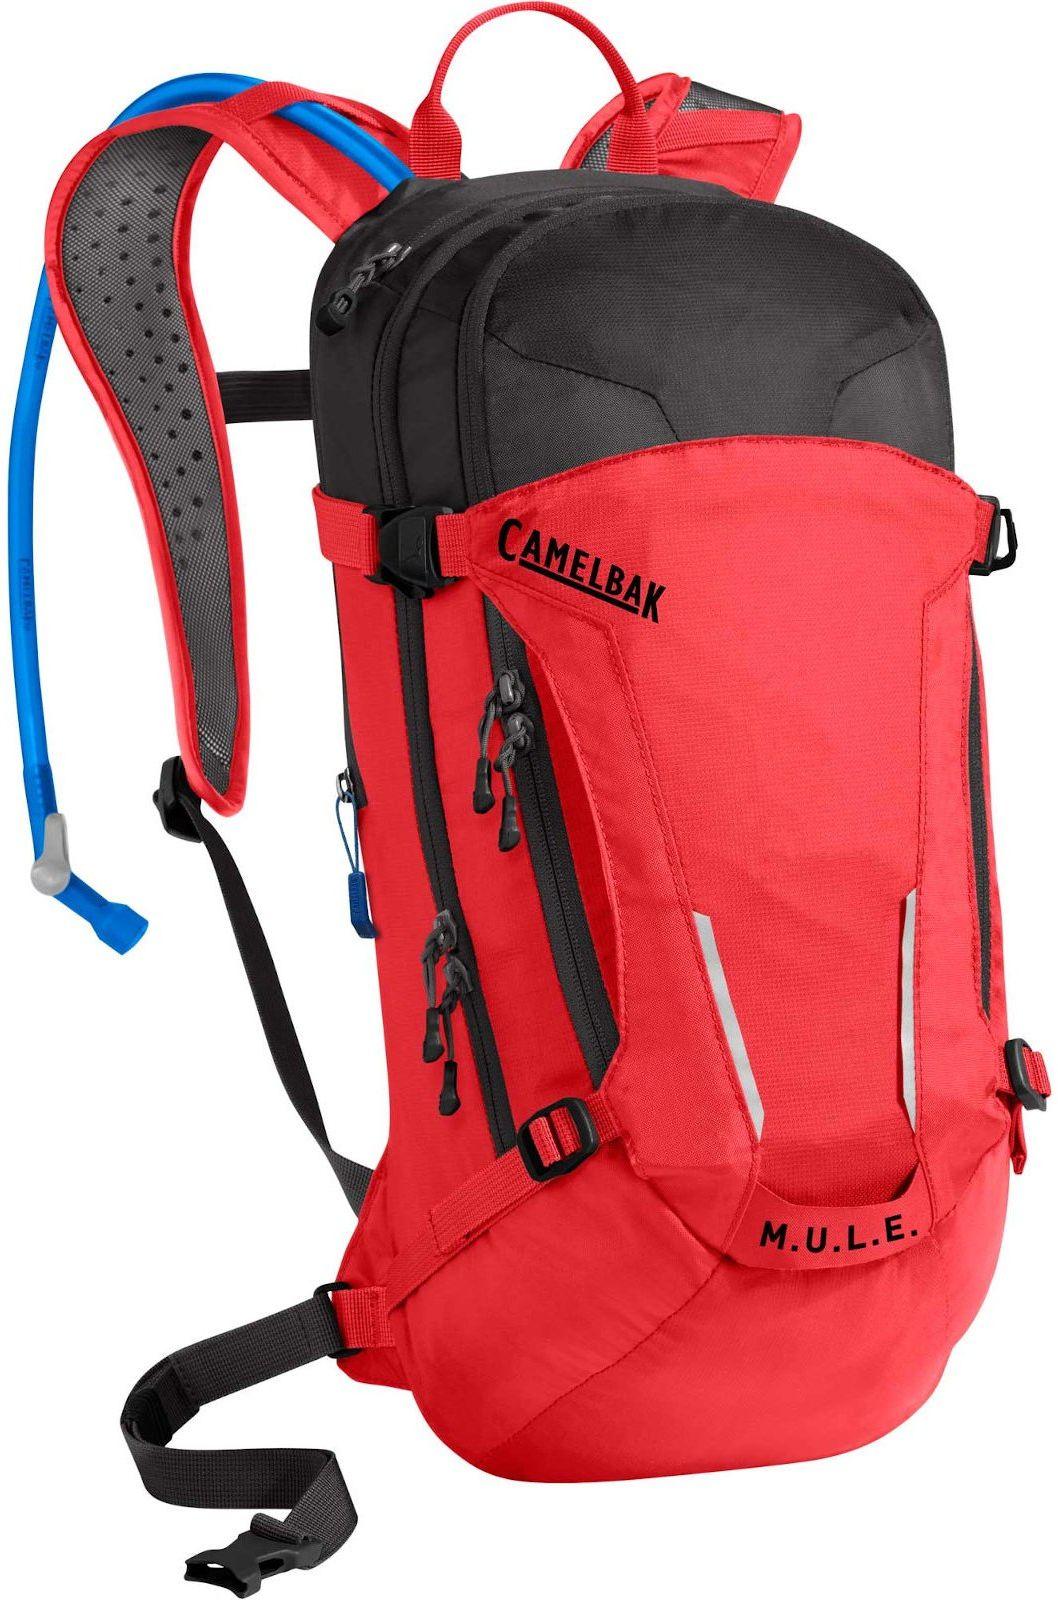 Camelbak Mule - Racing Red/Black uni